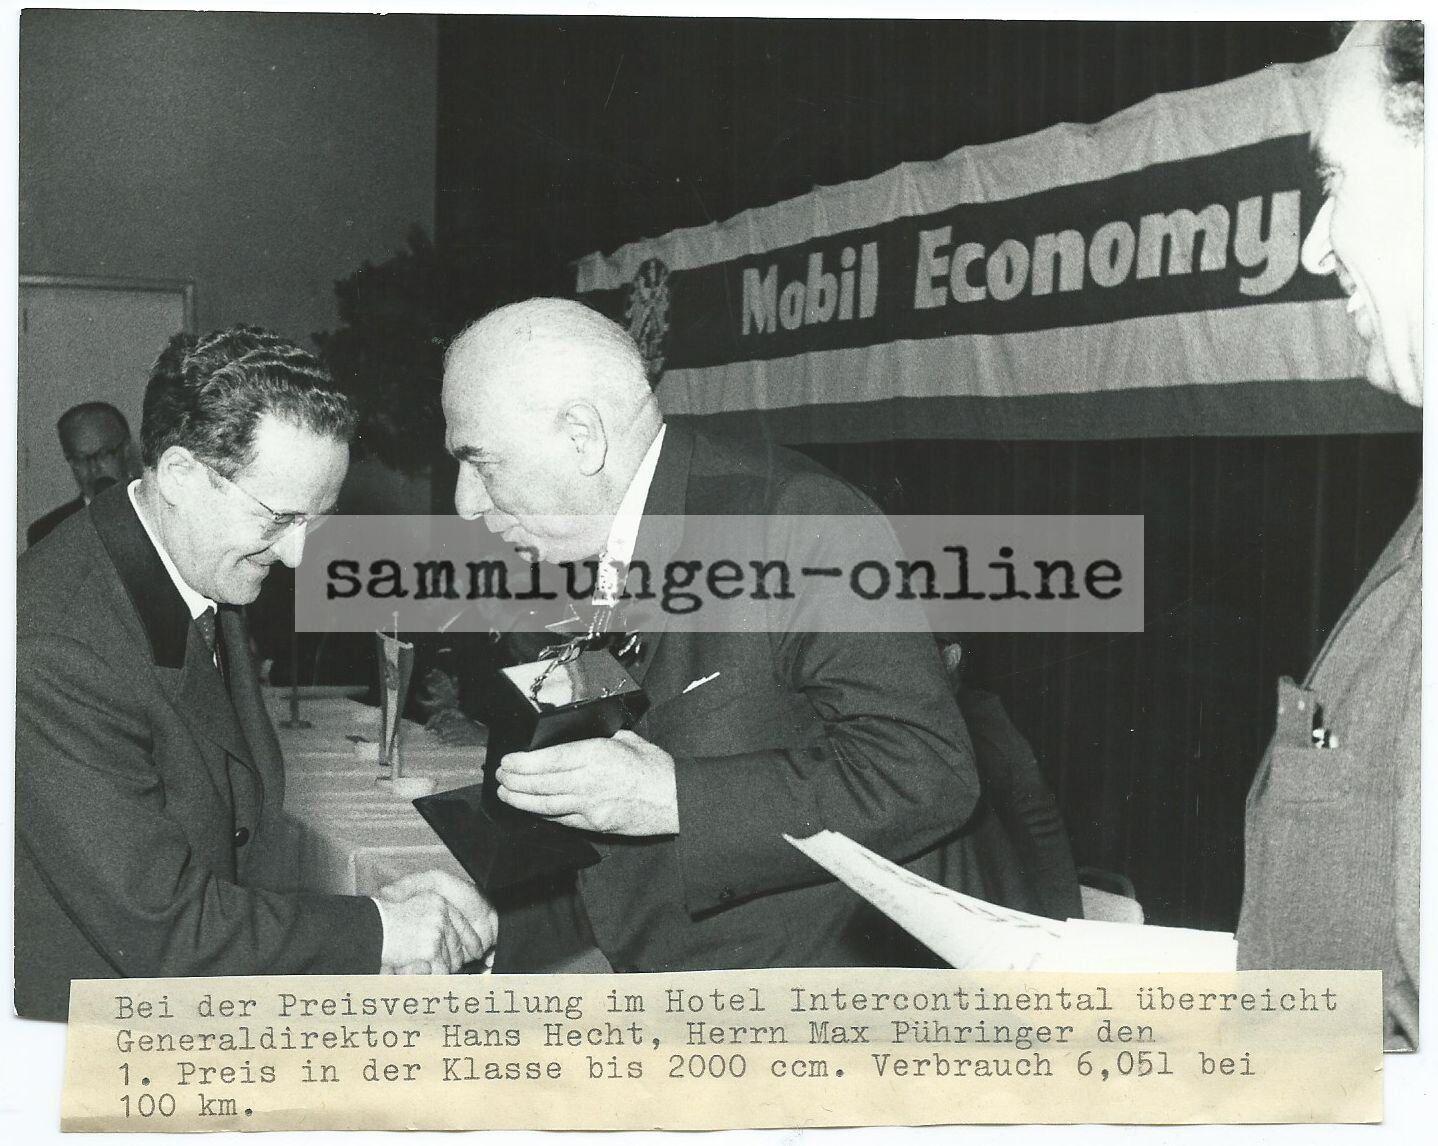 MOBILE ECONOMY RUN 1970 cérémonie cérémonie cérémonie de remise des prix Photo auto Photographe 96651f